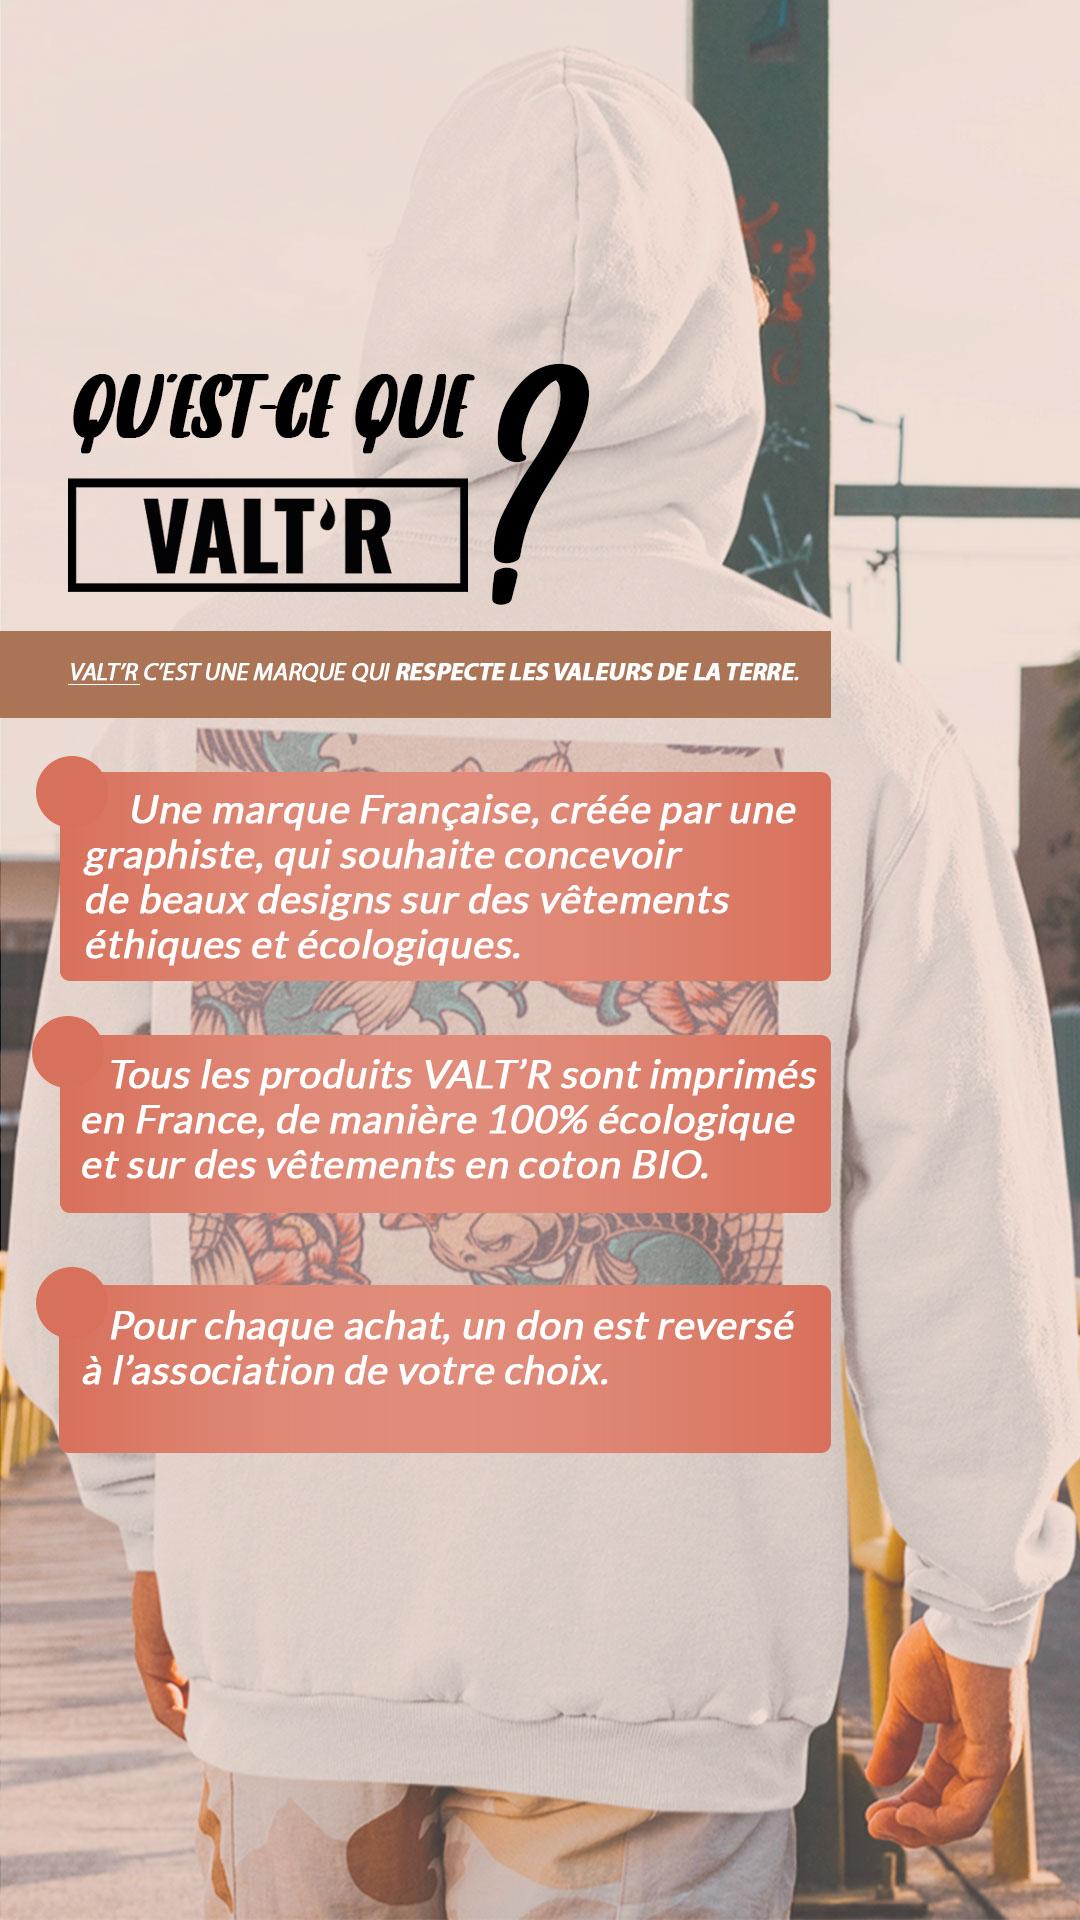 La marque VALTR